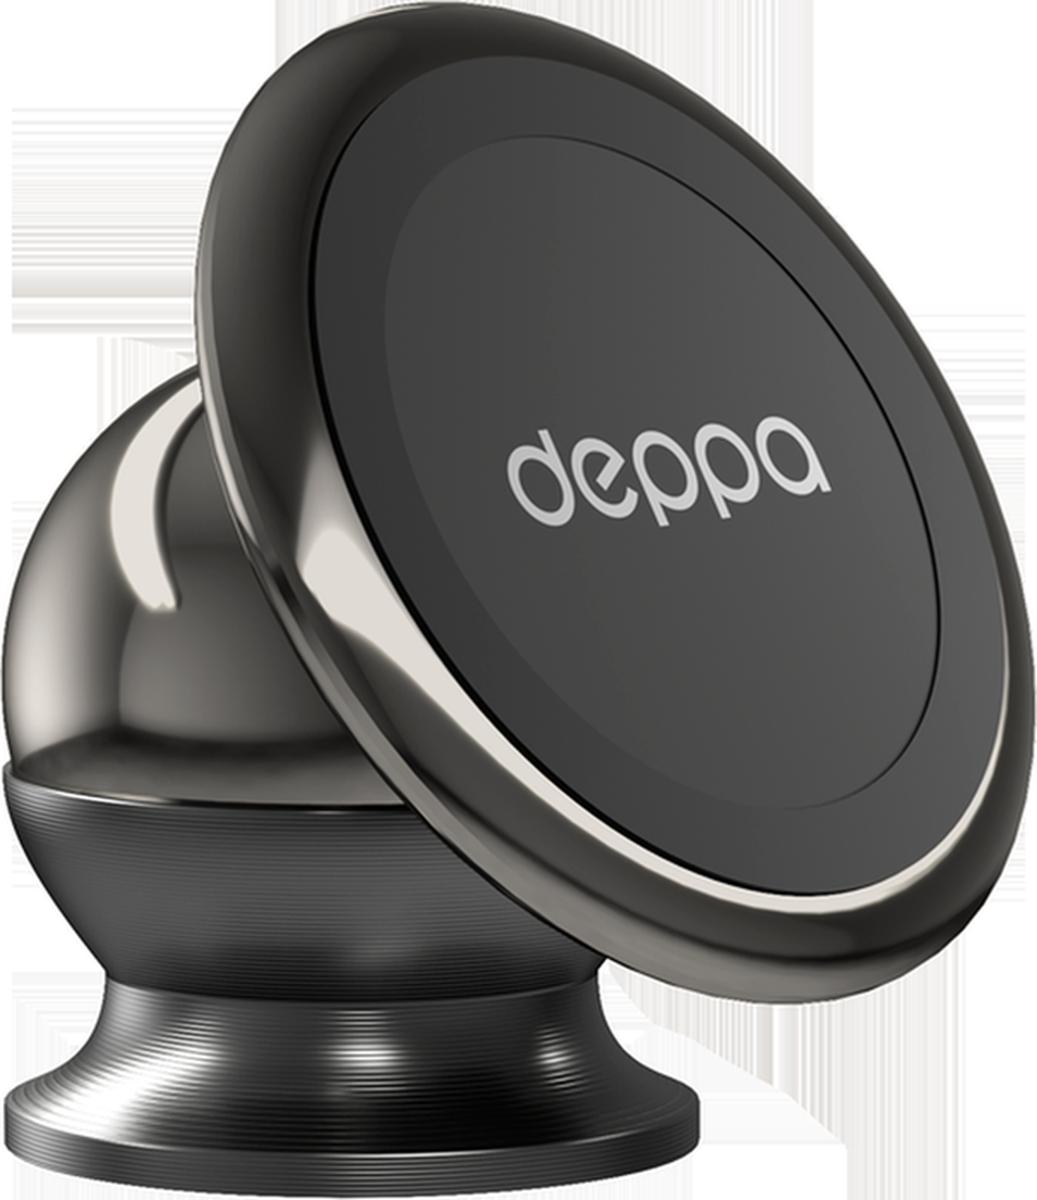 Deppa Mage Steel, Black автомобильный держатель для смартфонов - Автомобильные держатели